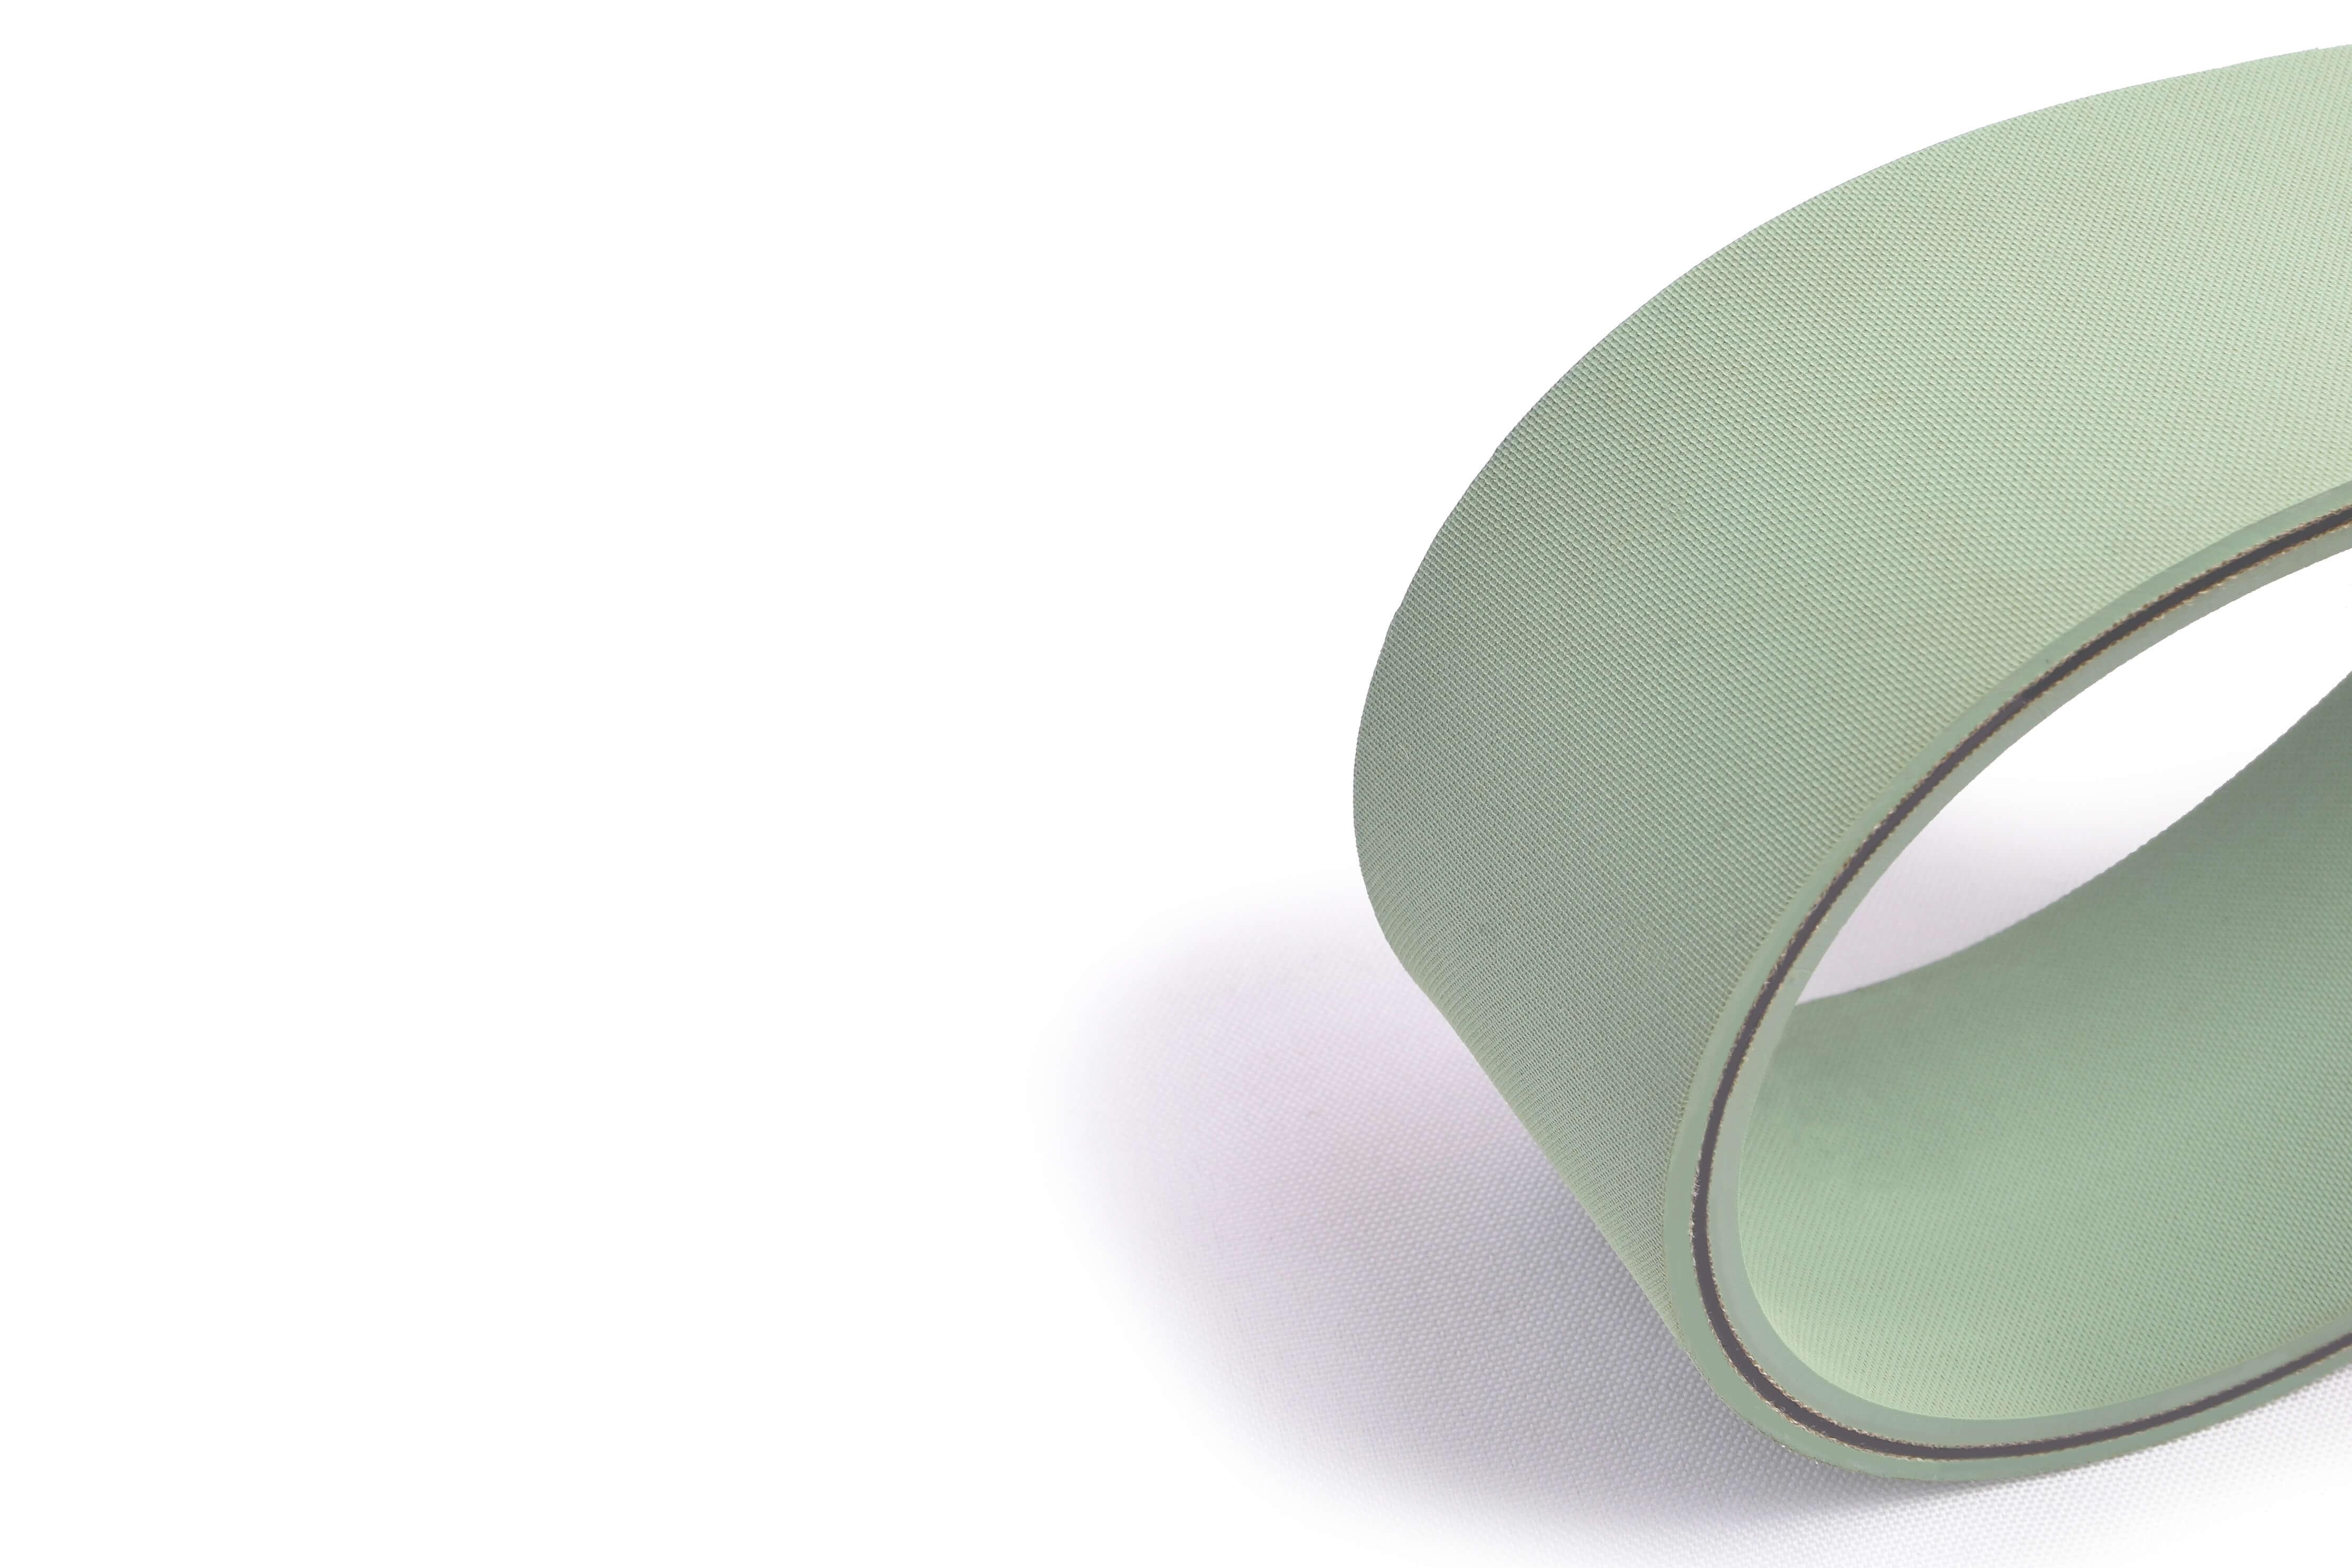 correia transmissão plana poliamida (nylon) borracha/borracha tipo CT 60